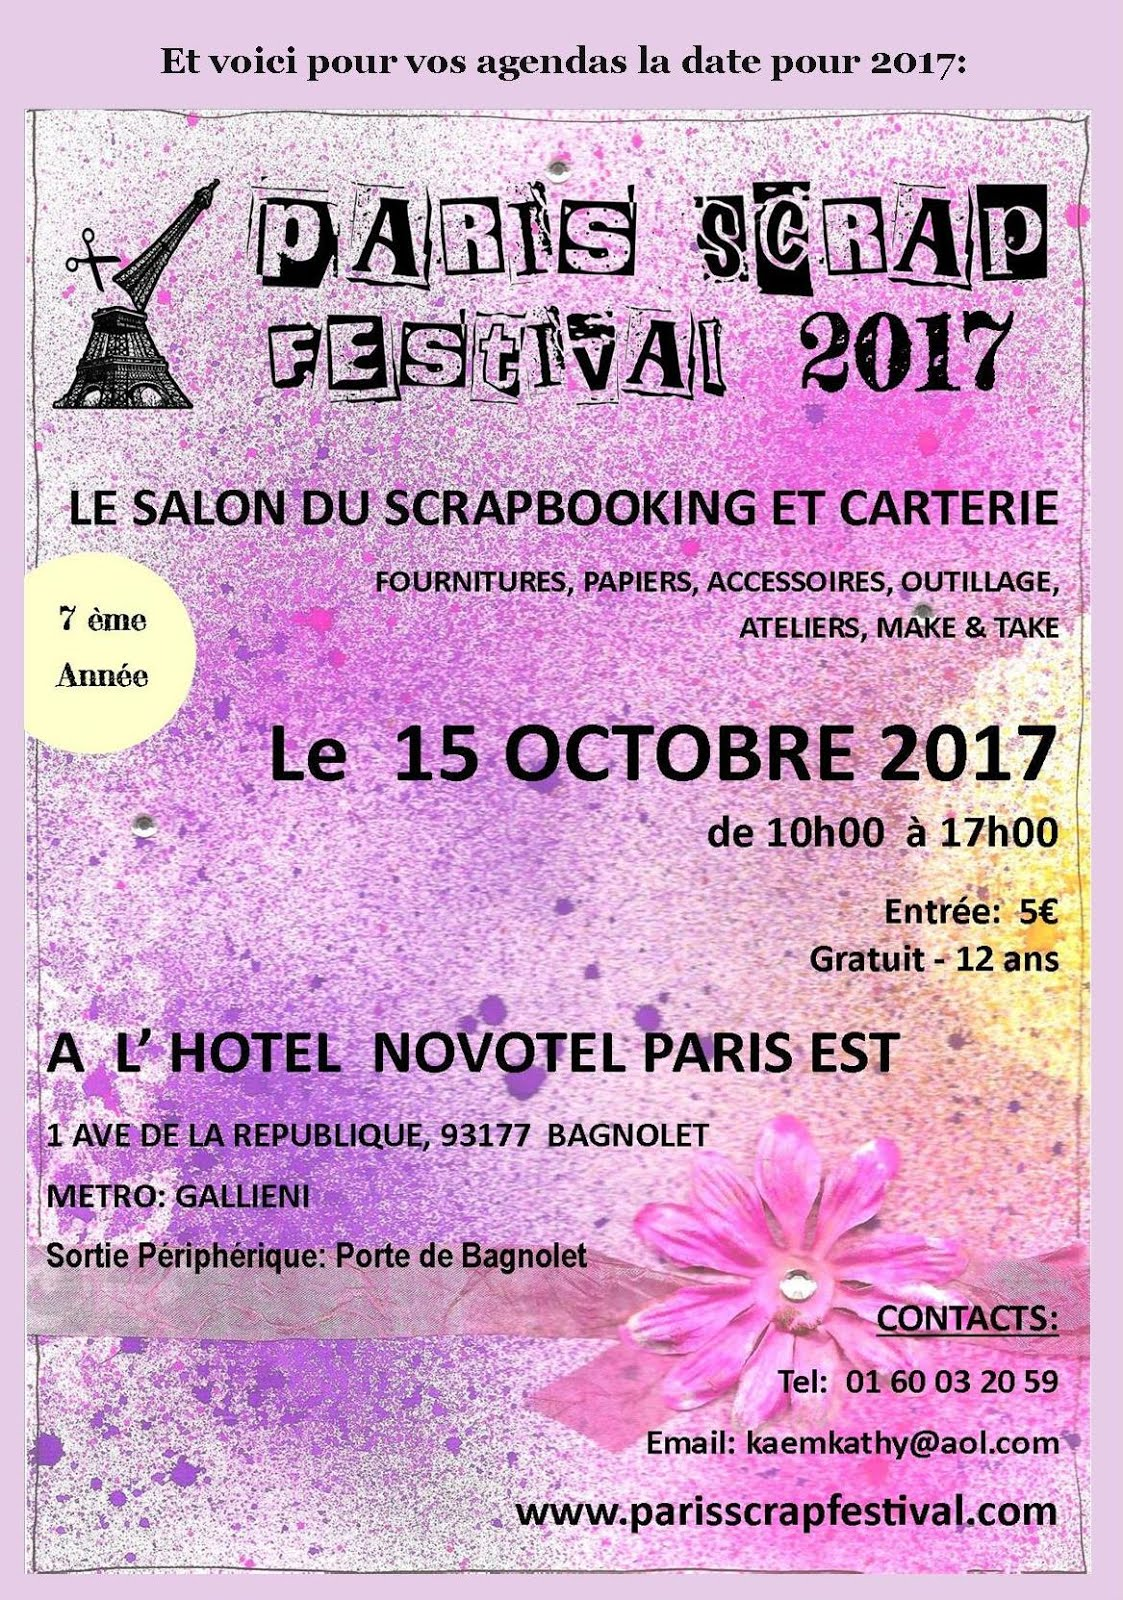 Paris Scrap Festival